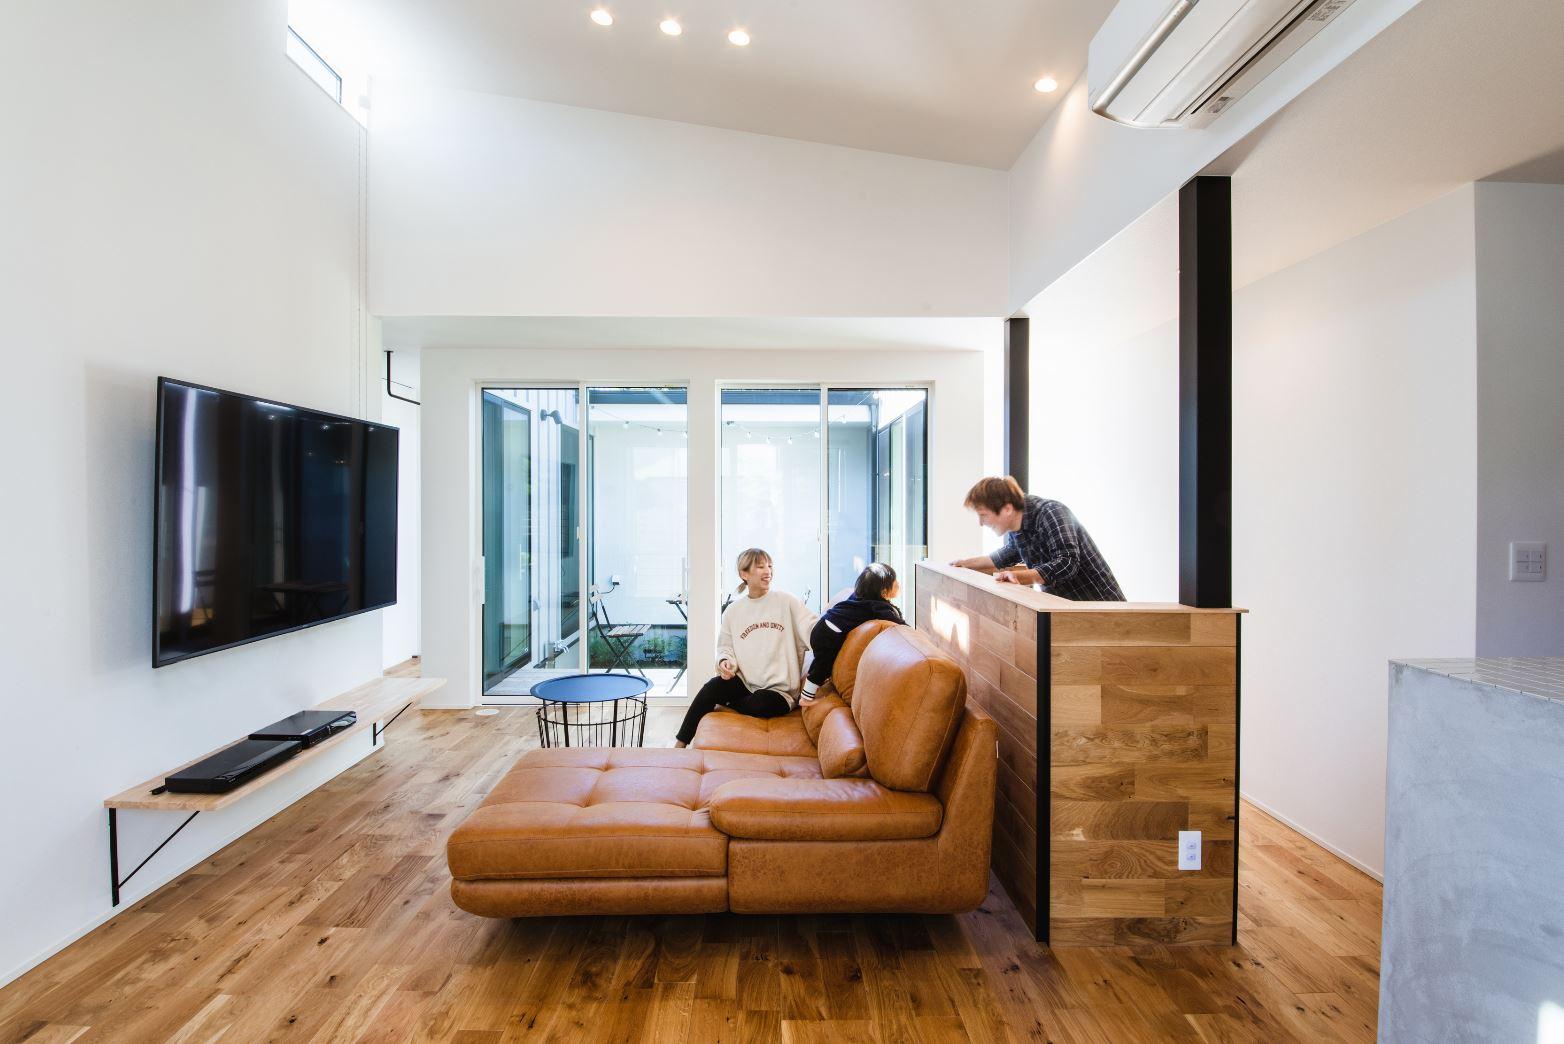 S.CONNECT(エスコネクト)【デザイン住宅、建築家、平屋】LDKからは中庭が見渡せて、明るく開放感があり、リゾートホテルのような心地よさがある